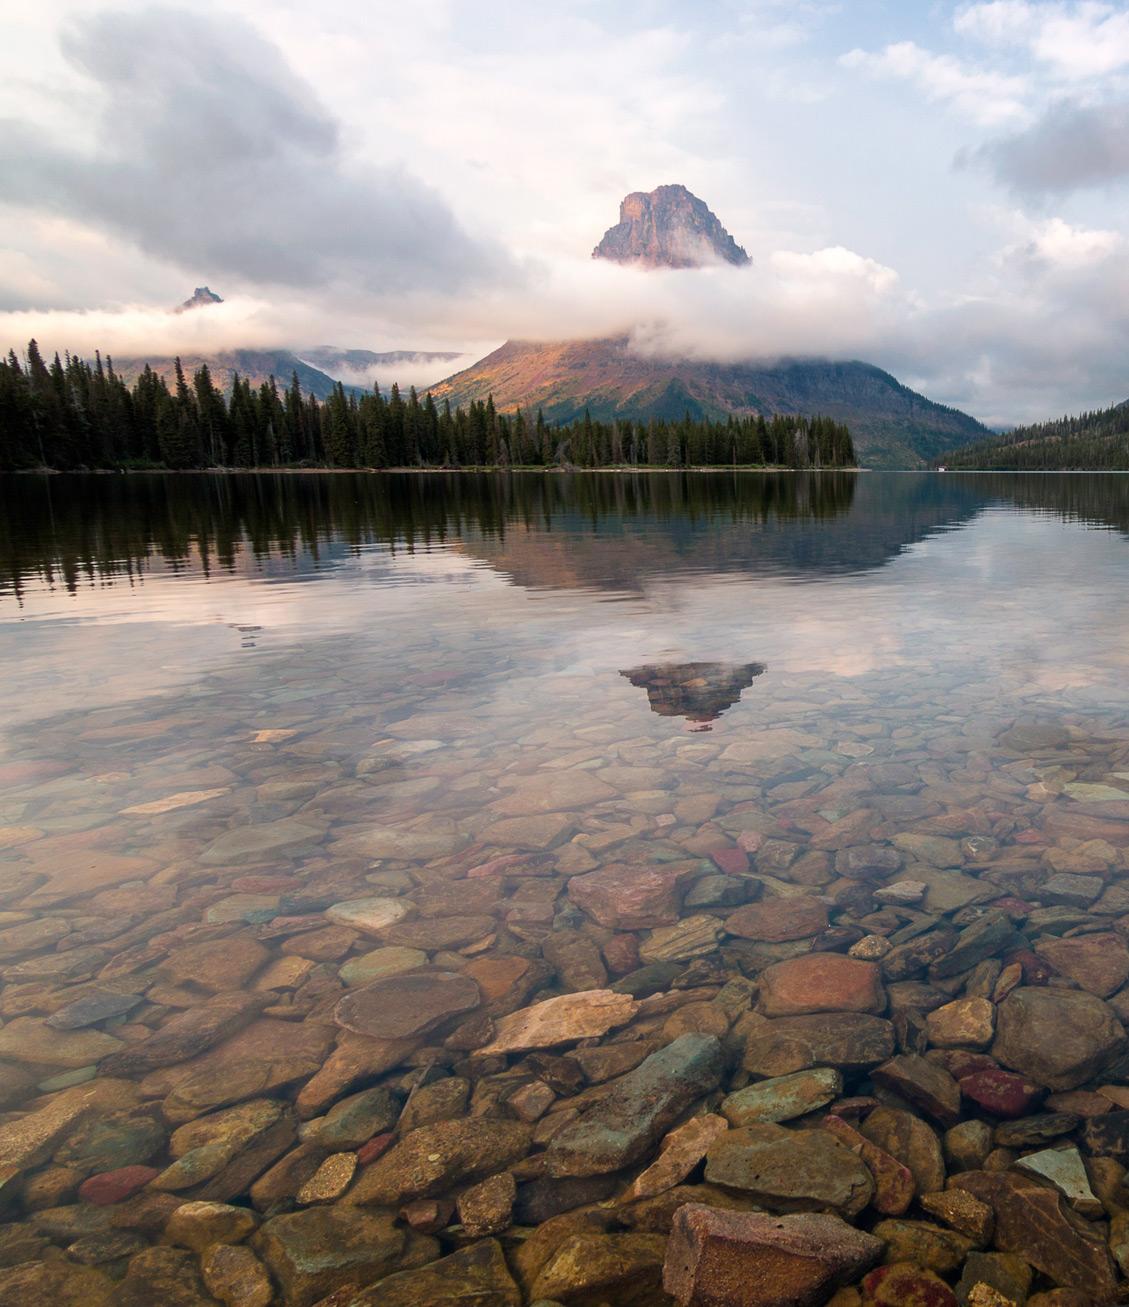 Two medicine lake and multicolored rocks